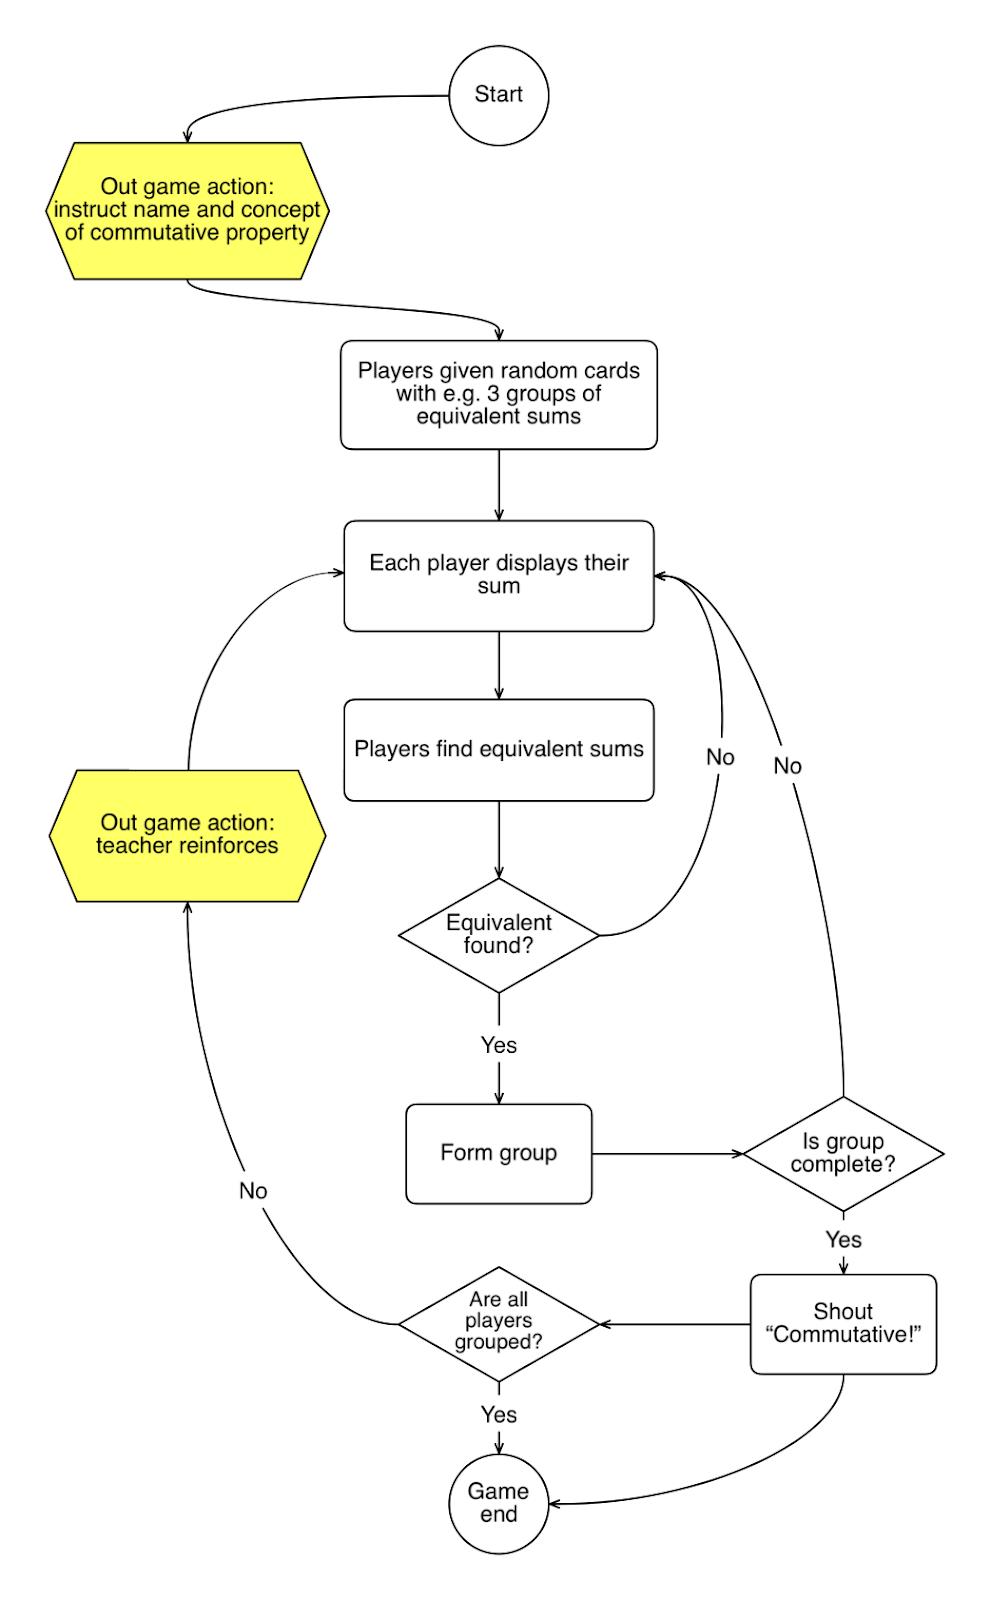 Gameplay loop analysis